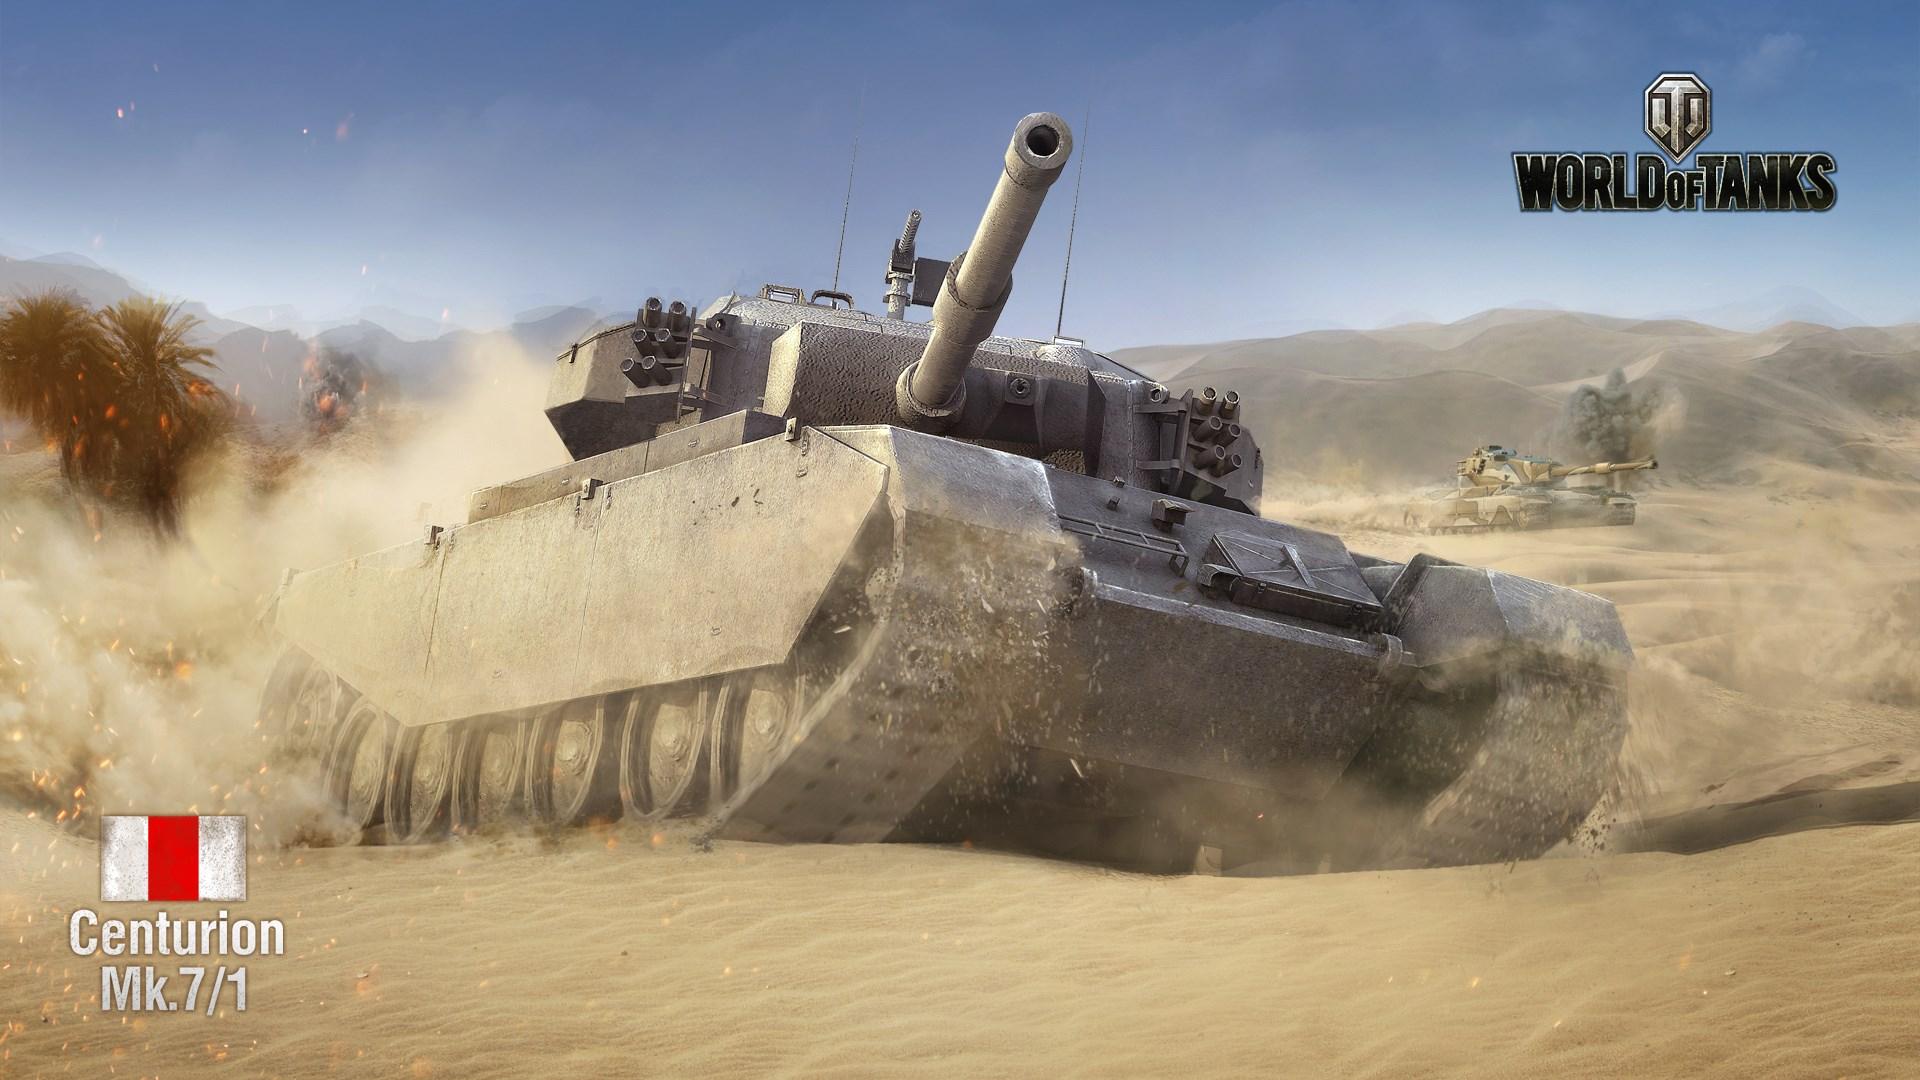 скачать обои танков world of tanks на рабочий стол